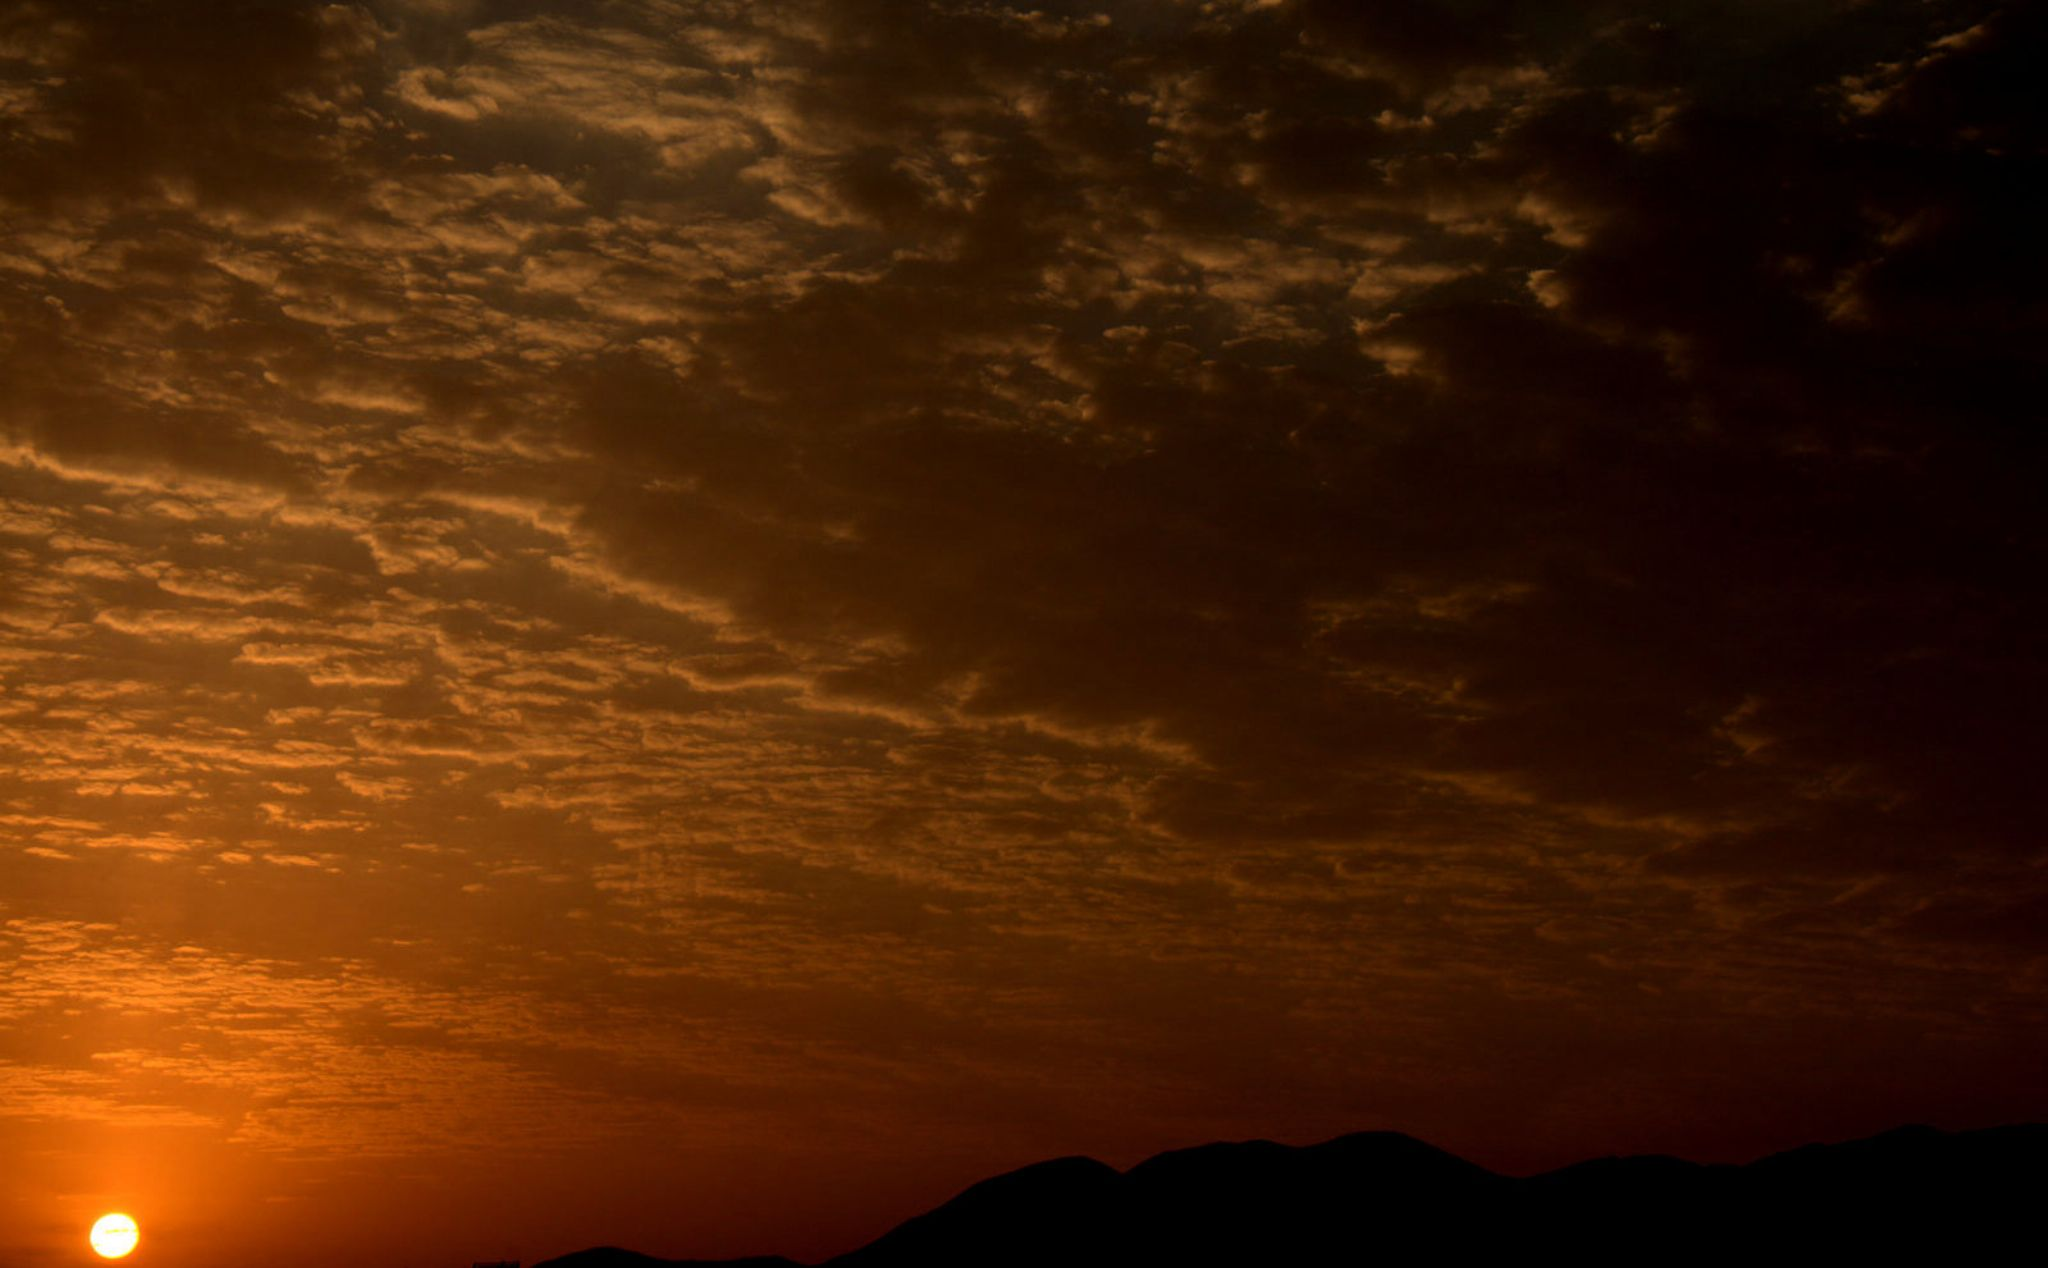 Sunrise by Prashant Mohgaonkar